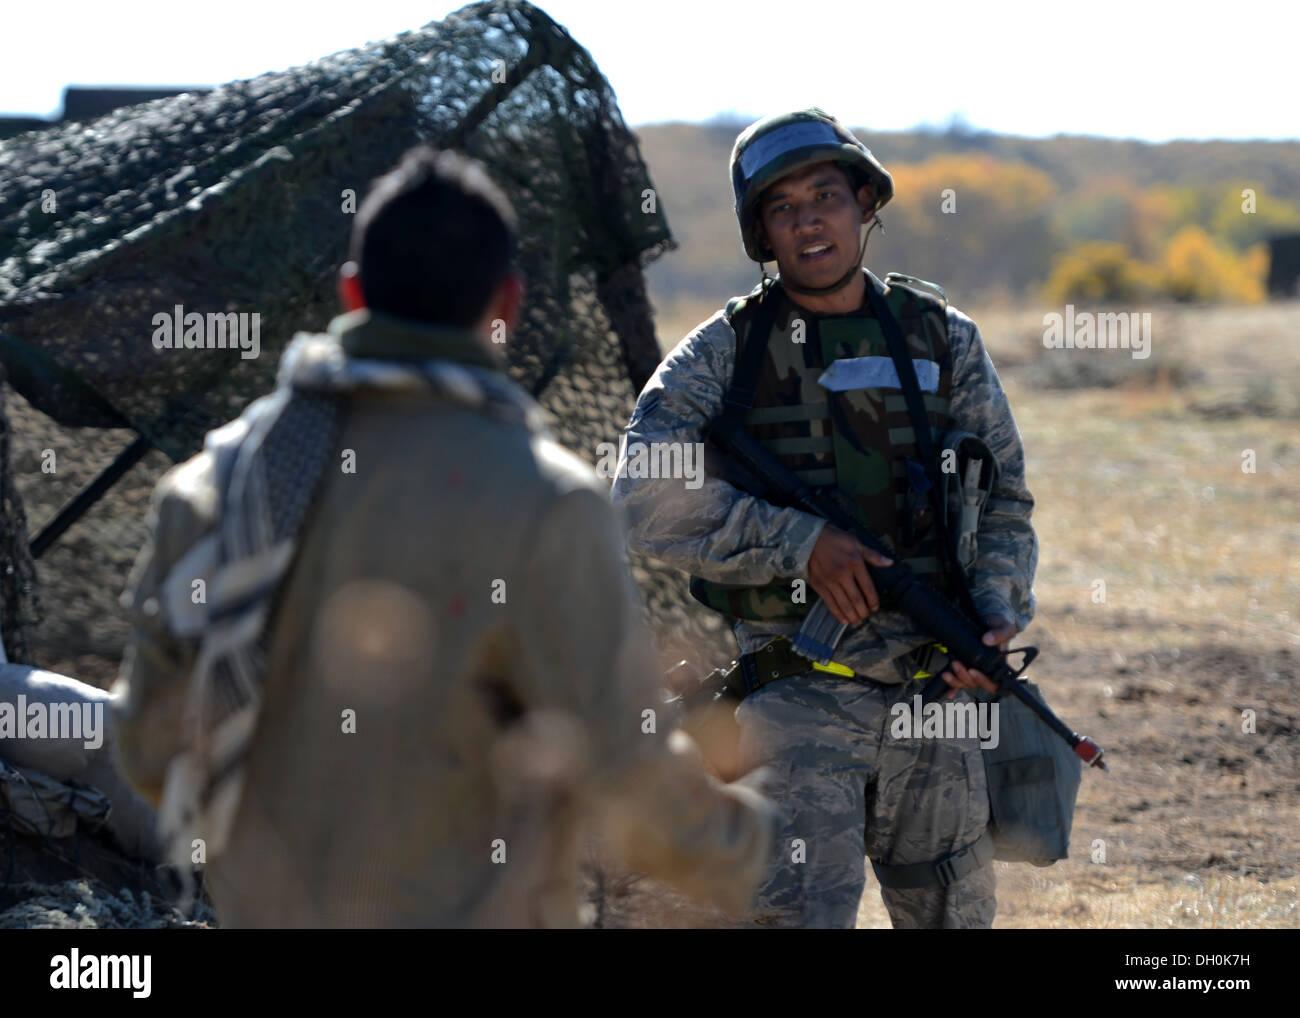 """Air Force Airman 1st Class Shanten Peters, 729. Air Control Squadron, versucht, vernünftig mit ein Rollenspieler das Gebiet während der Bereitschaft Übung verlassen """"Operation Raging Bull 14-1', Hill Air Force Base in Utah, 23. Oktober 2013. Das zweimal jährlich stattfindende Training hilft Stockbild"""